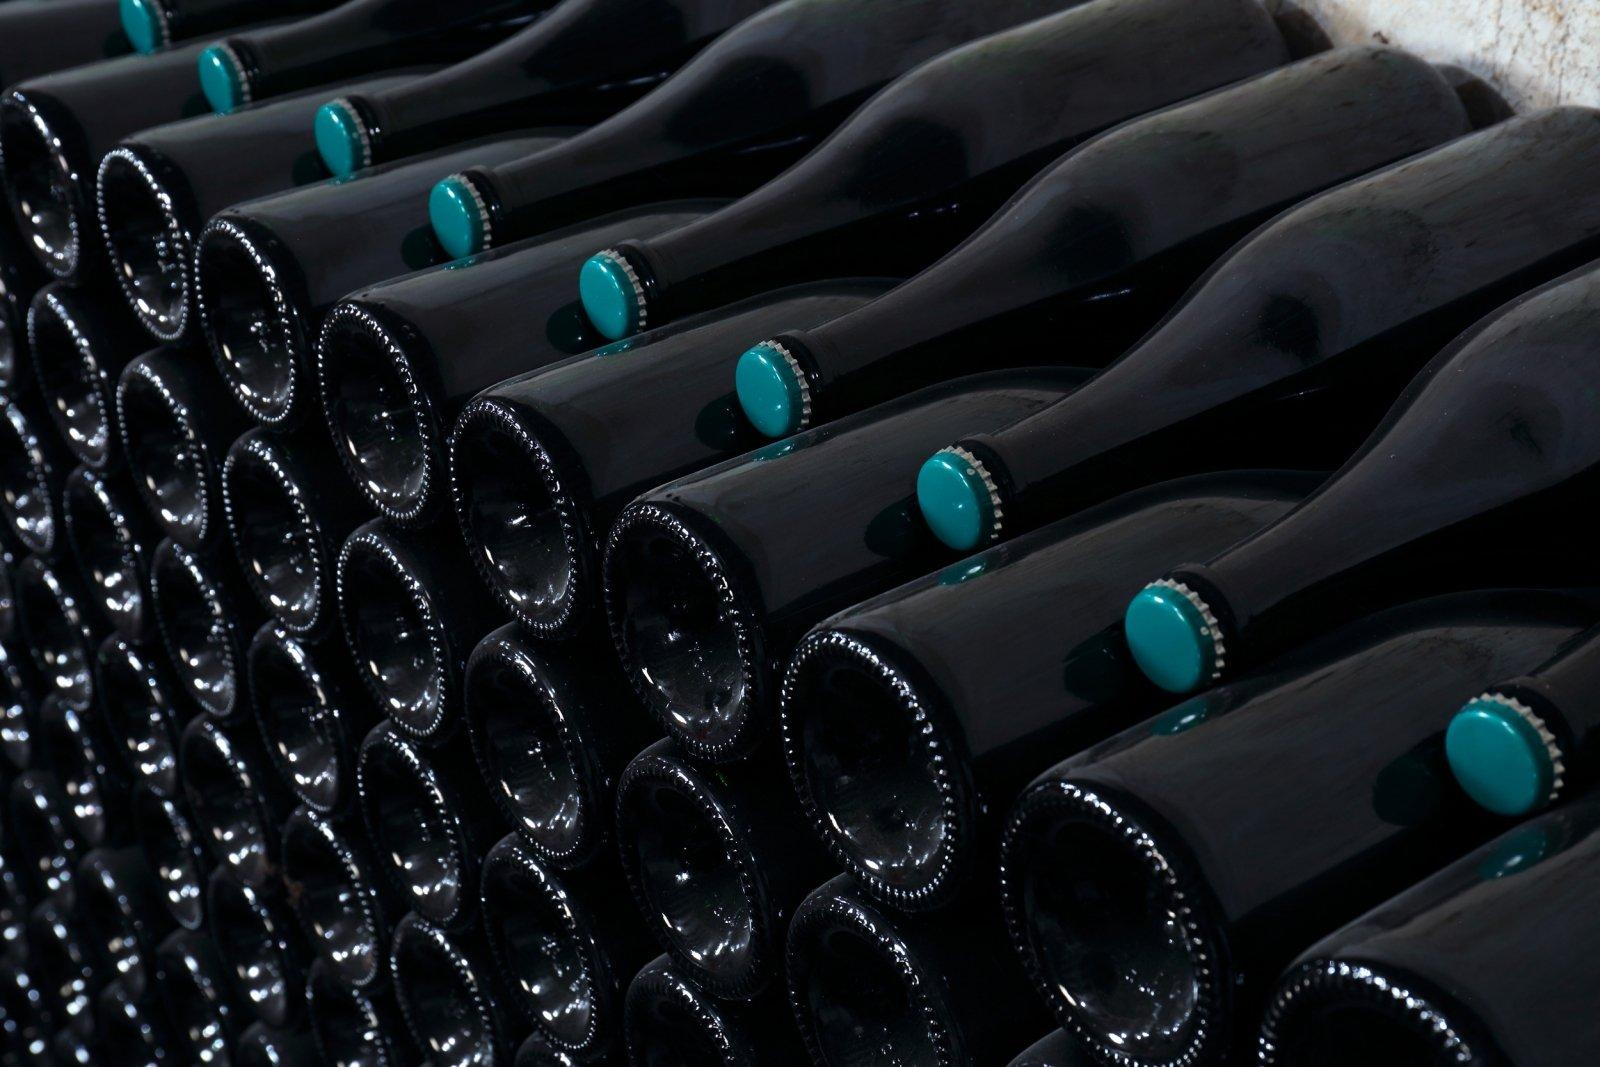 Rangement des bouteilles de Champagne pendant leur repos dans la cave du Champagne R.Bourdelois